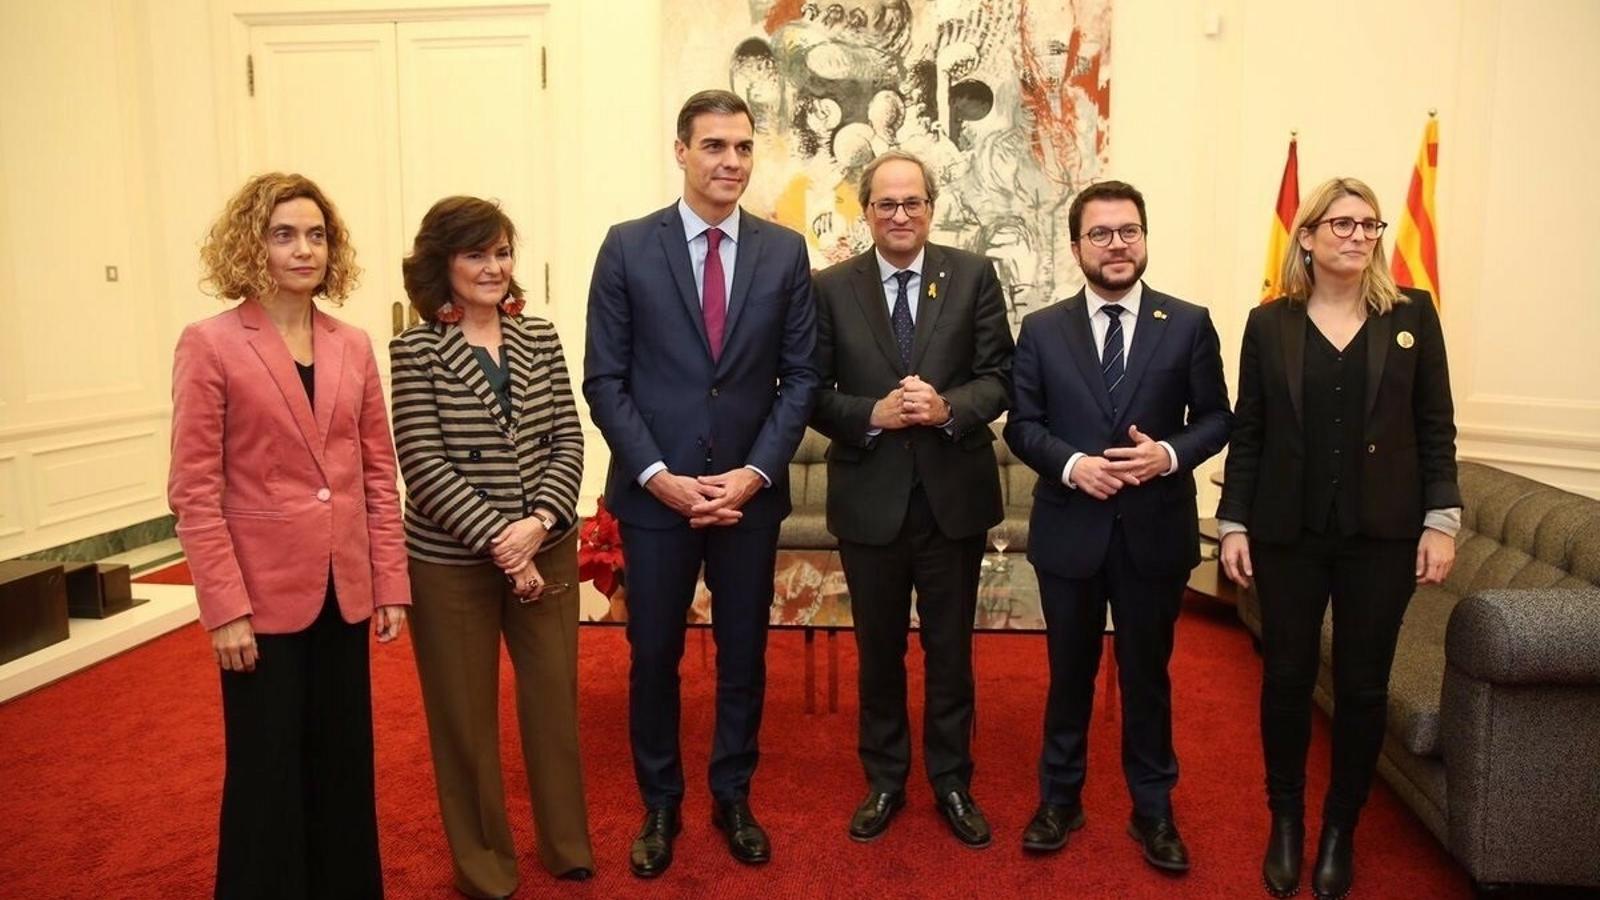 Batet, Calvo, Sánchez, Torra, Aragonès i Artadi el dia de la reunió de Pedralbes.